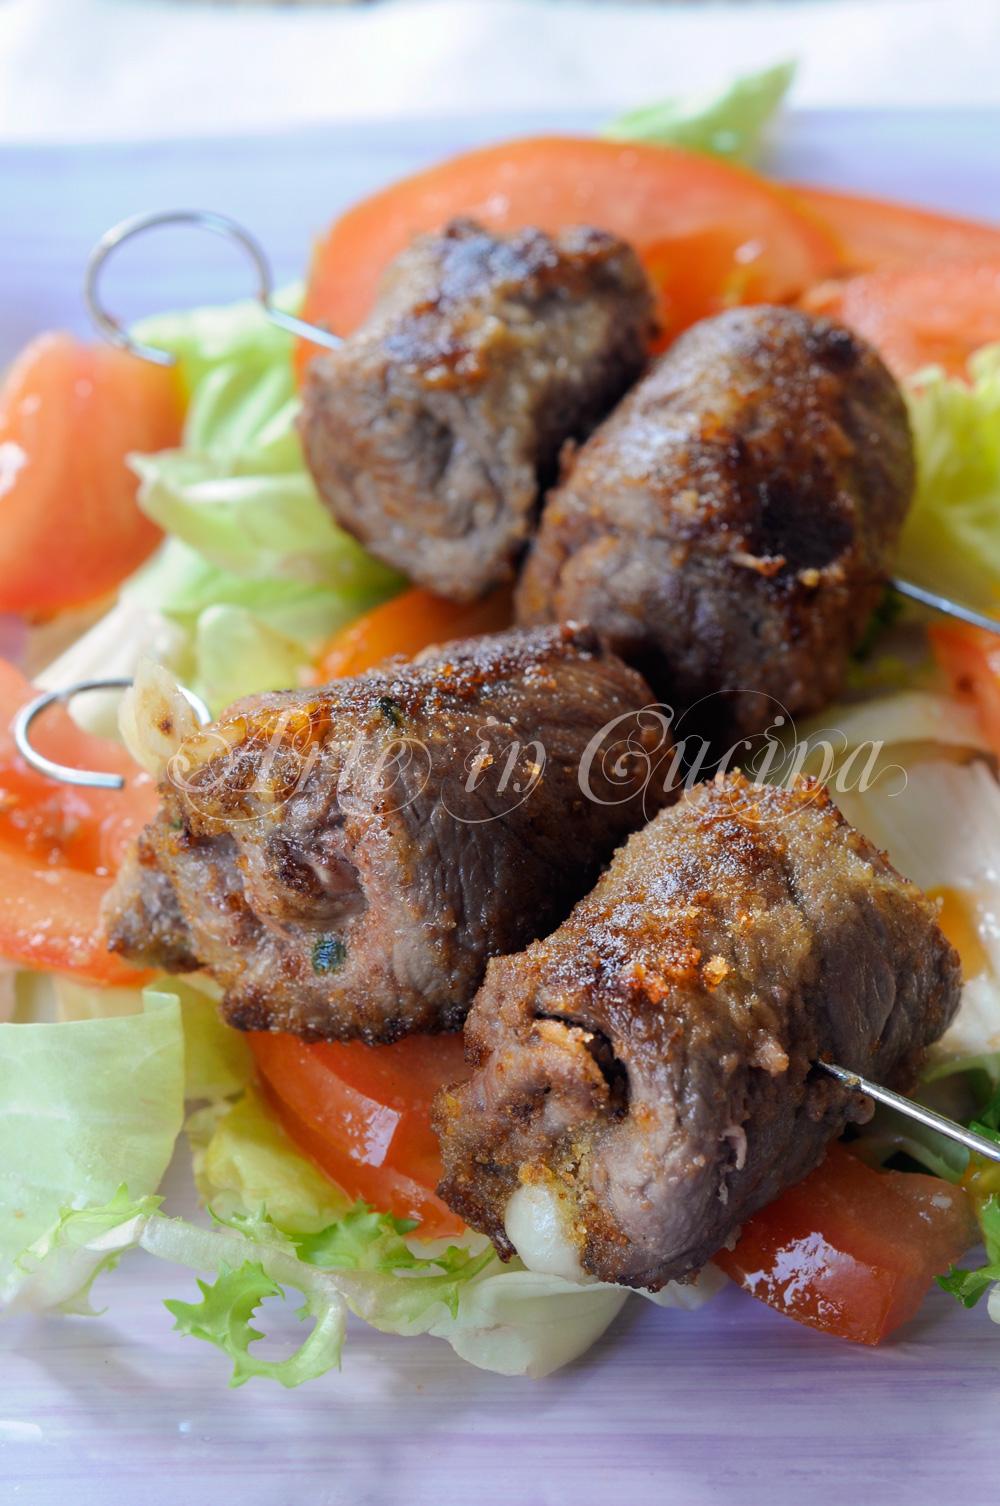 Involtini alla messinese braciole di carne ricetta facile vickyart arte in cucina